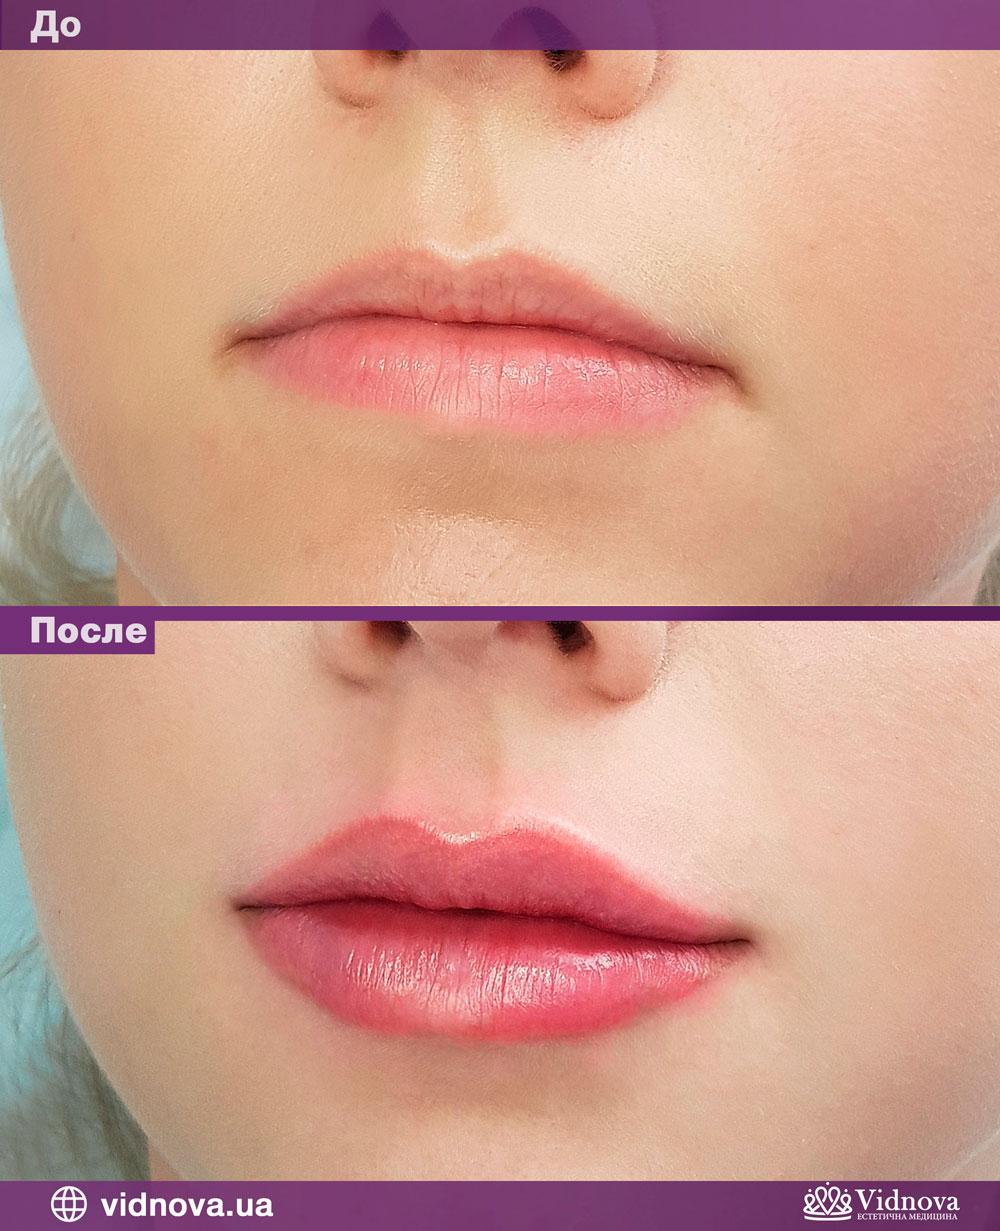 Пример увеличения губ до и после